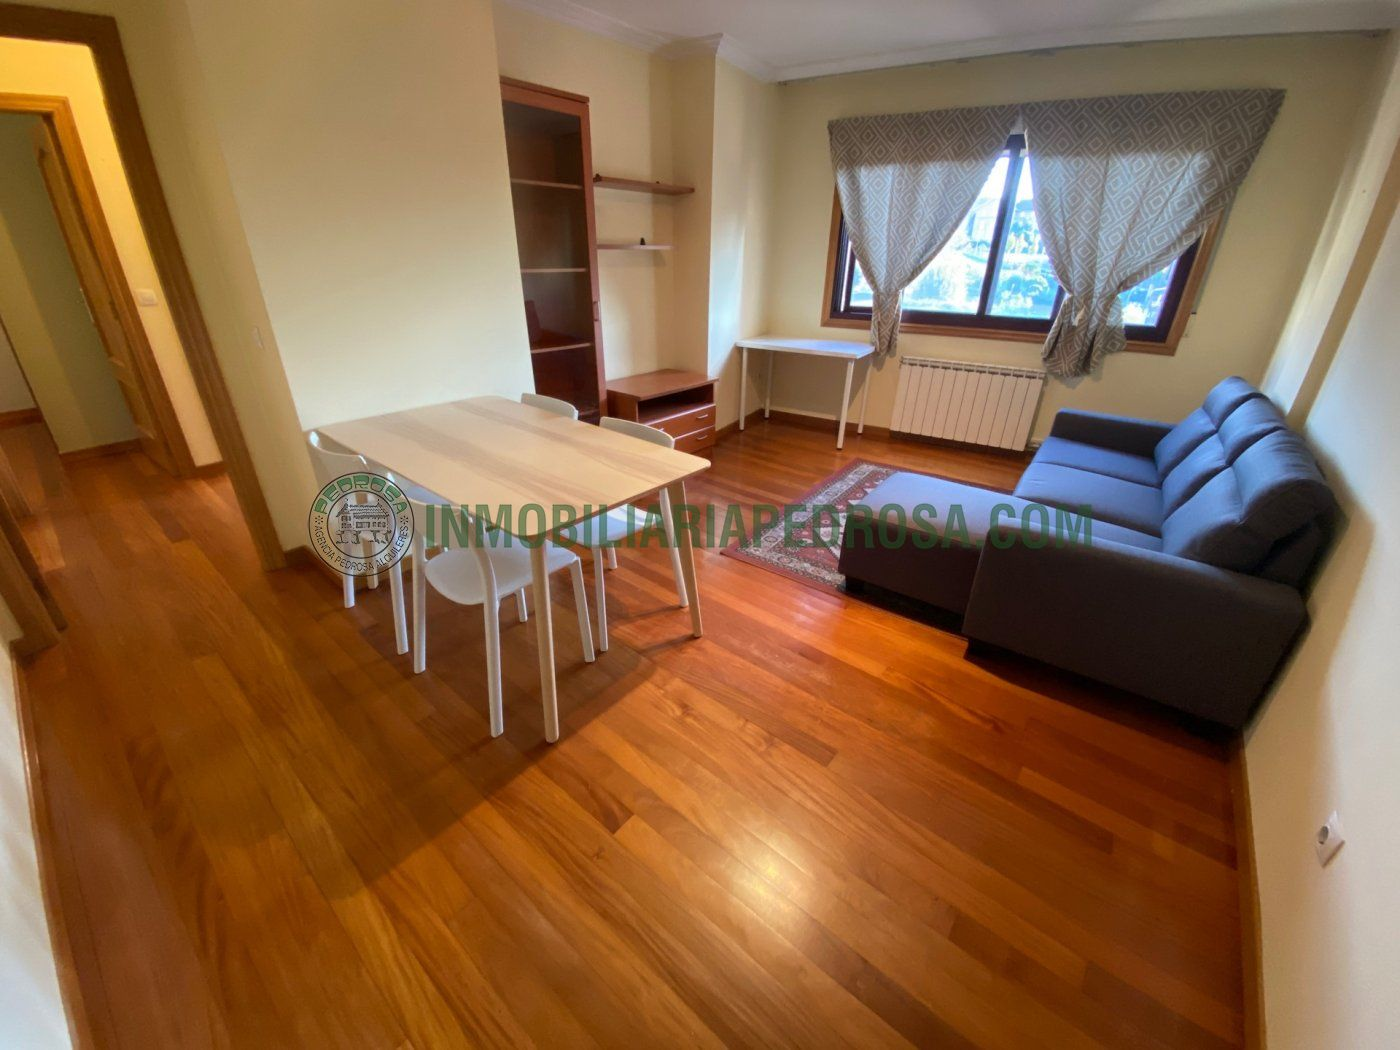 Apartamento, Zona María Victoria Moreno, Alquiler/Asignación - Pontevedra (Pontevedra)